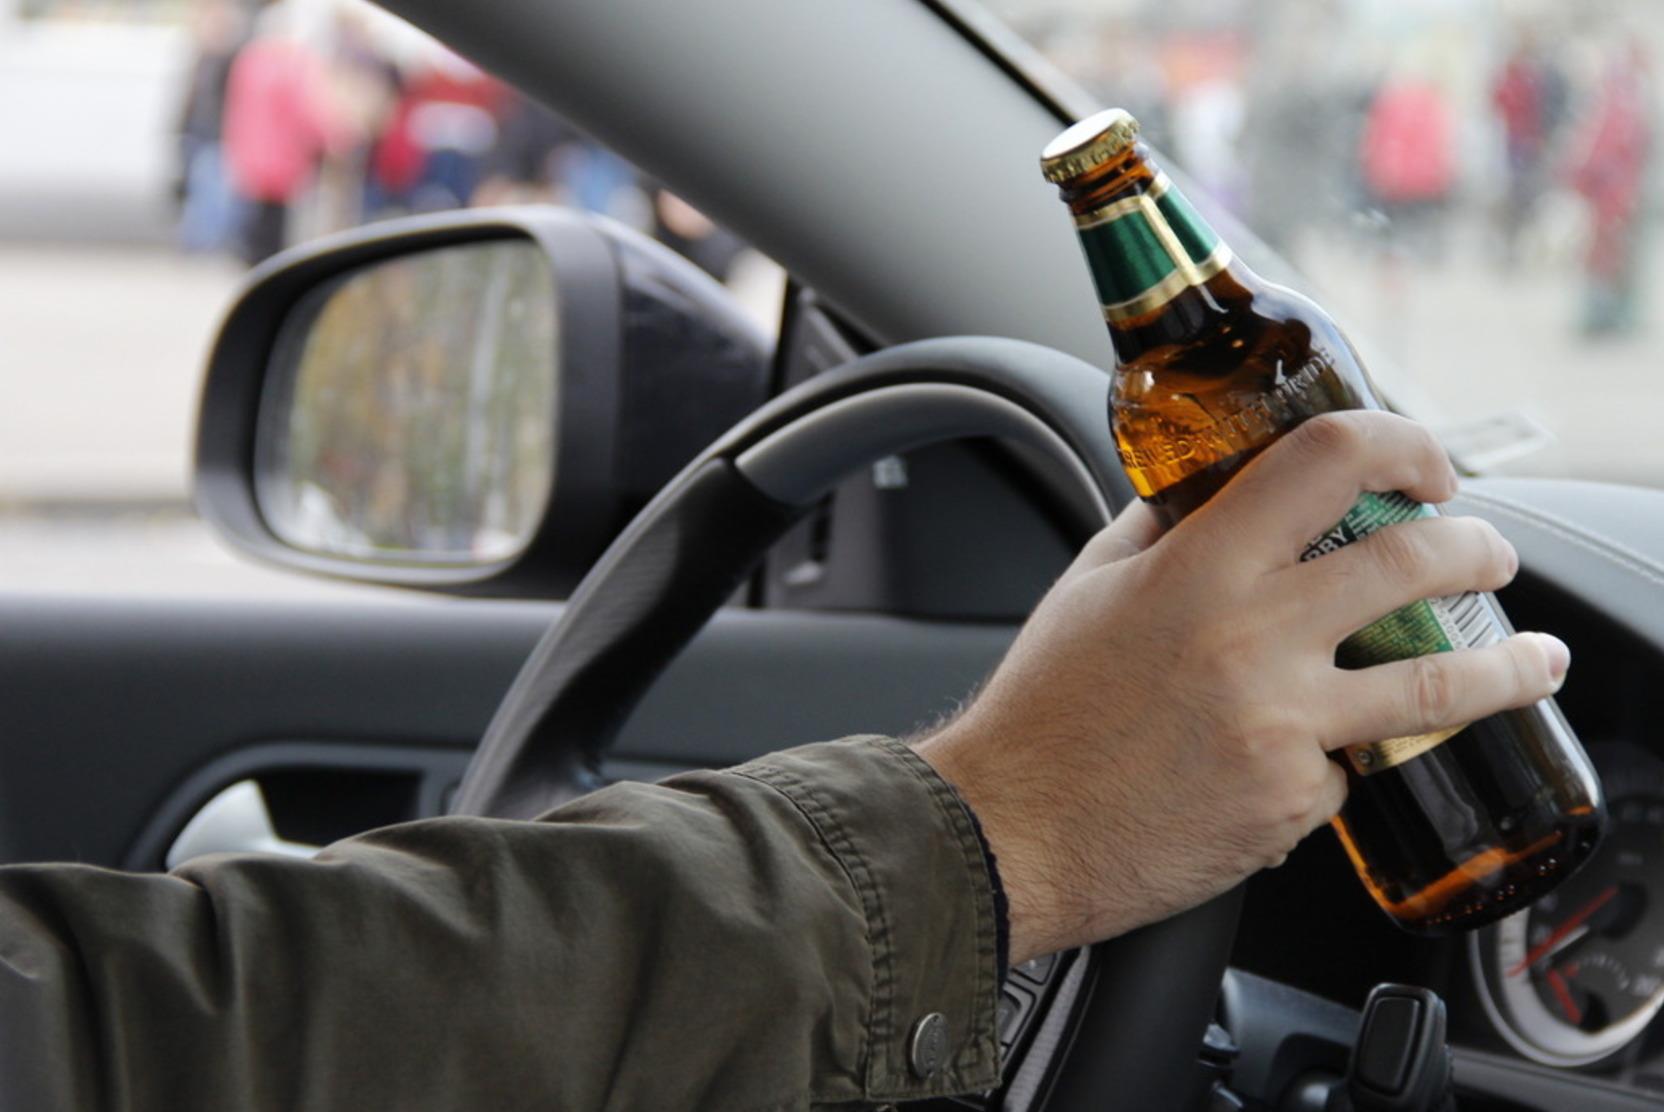 Госдума планирует ужесточить наказание за пьяную езду к июню